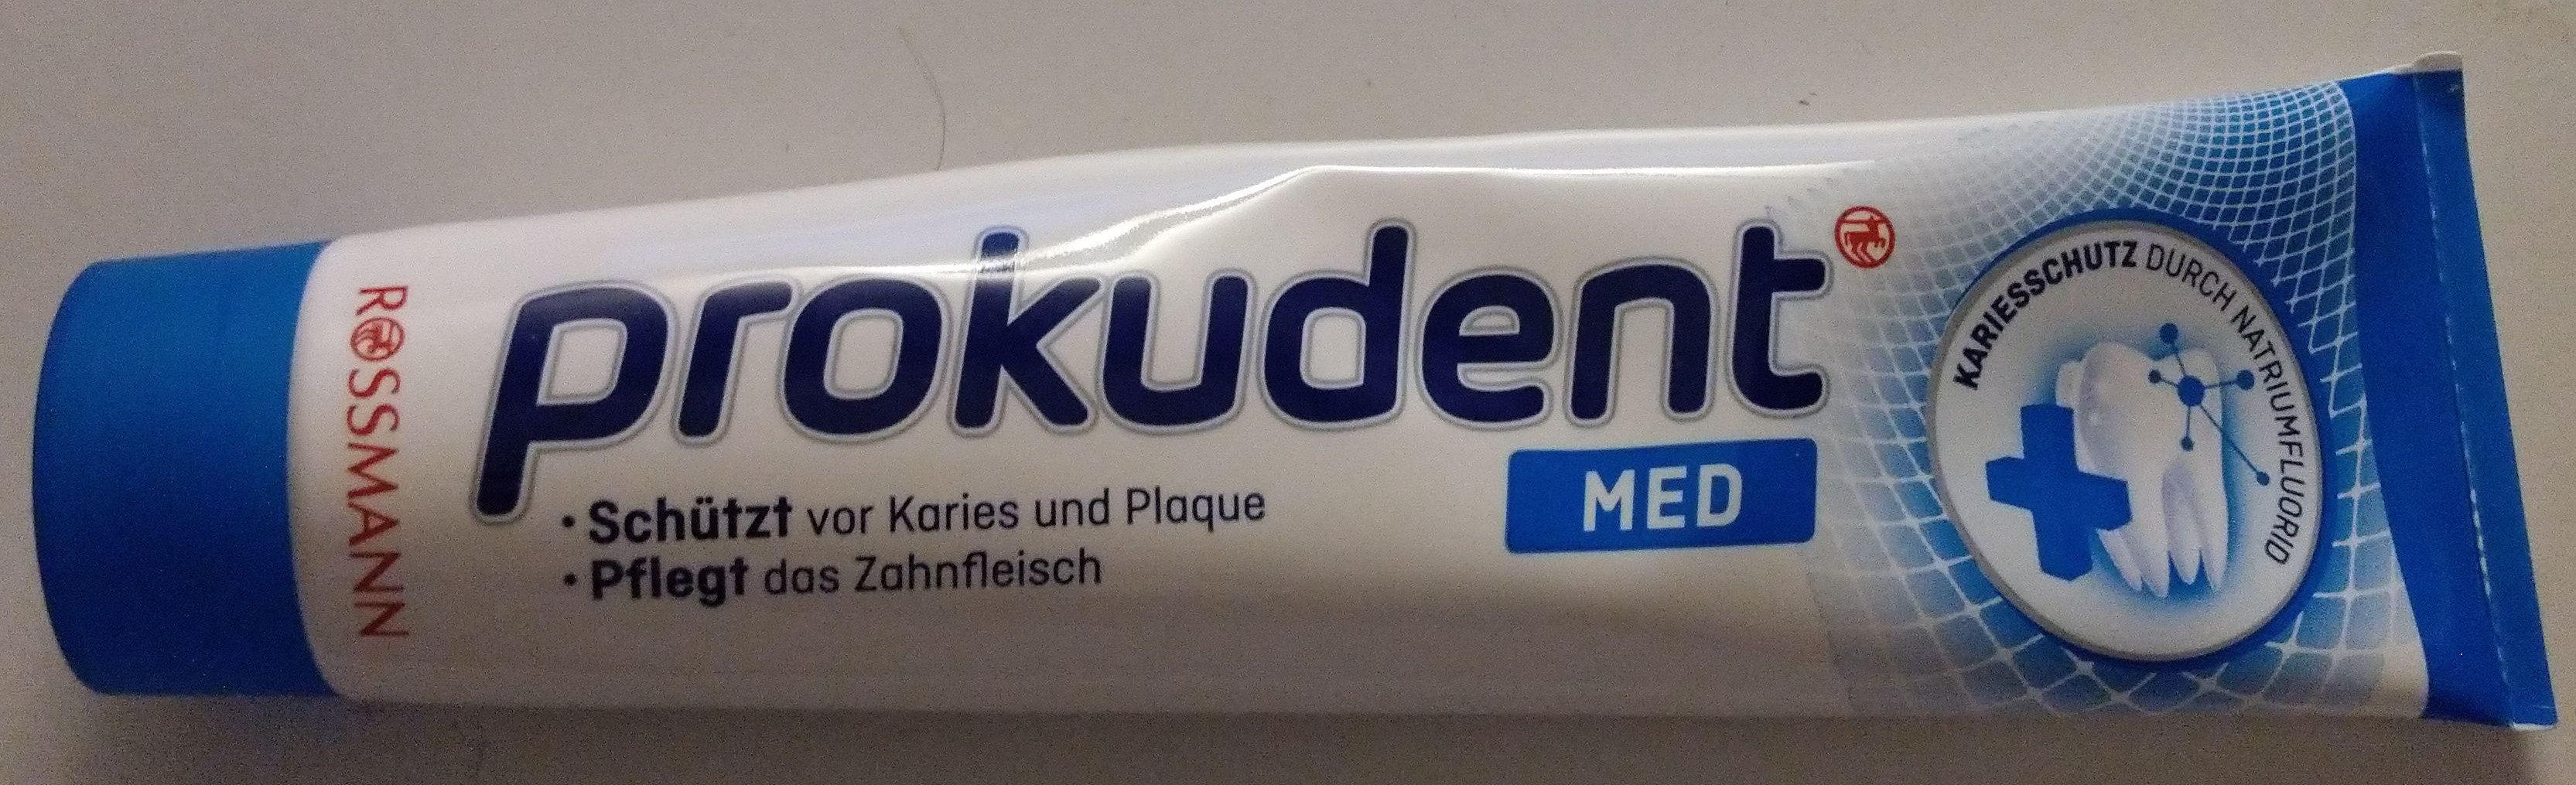 prokudent MED - Product - de